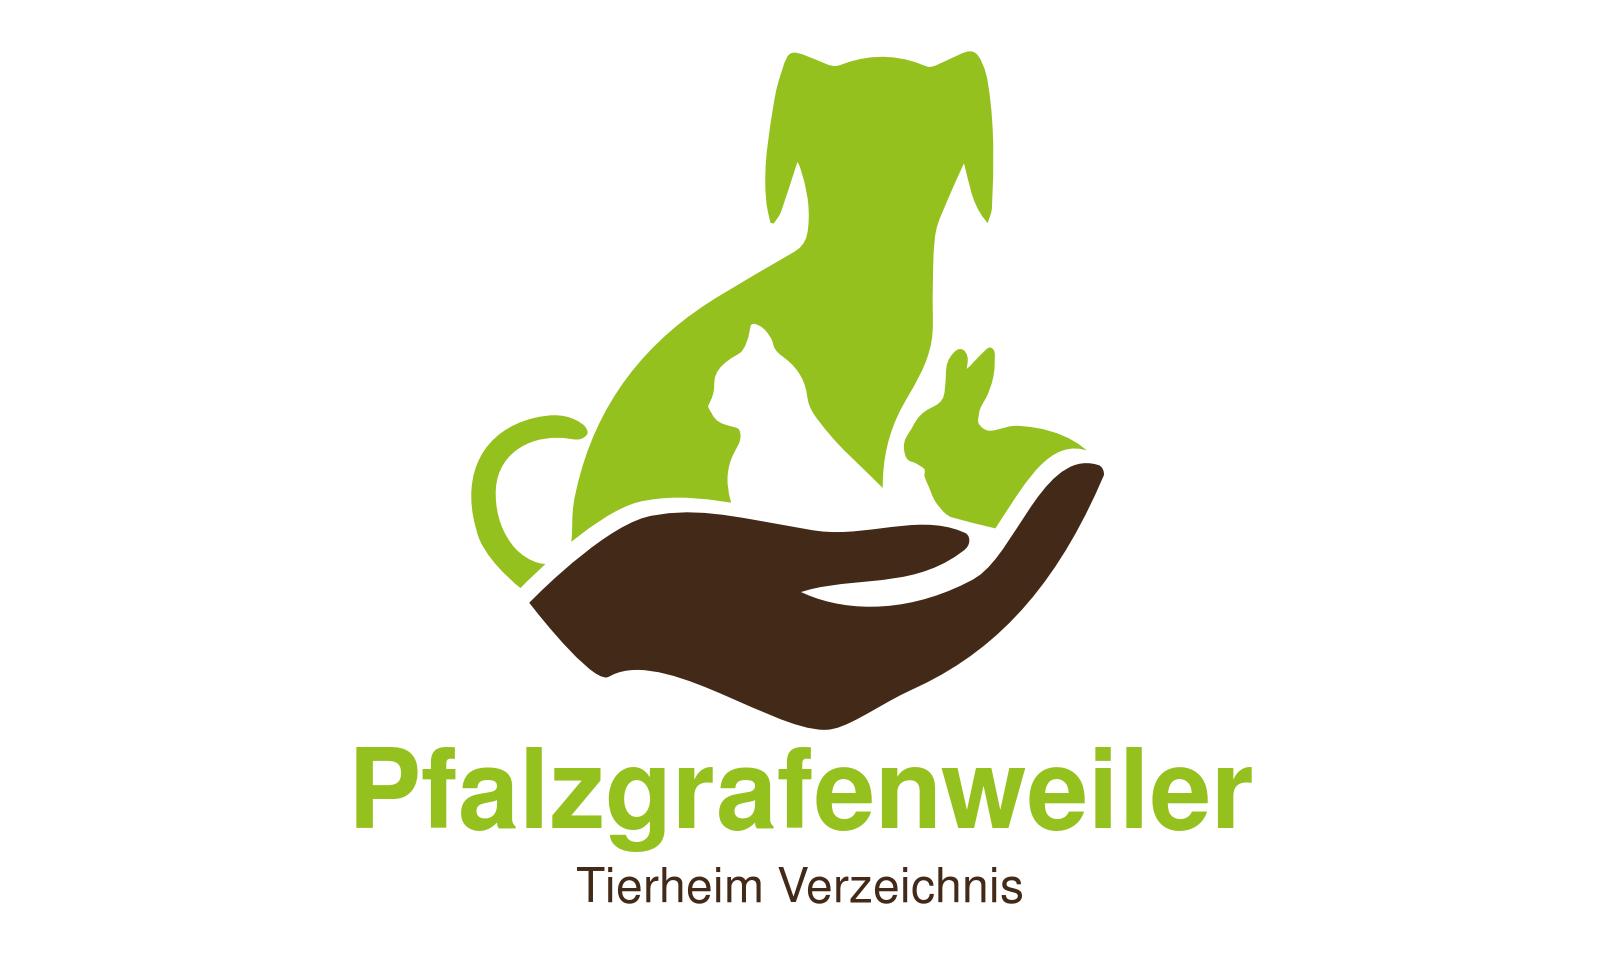 Tierheim Pfalzgrafenweiler